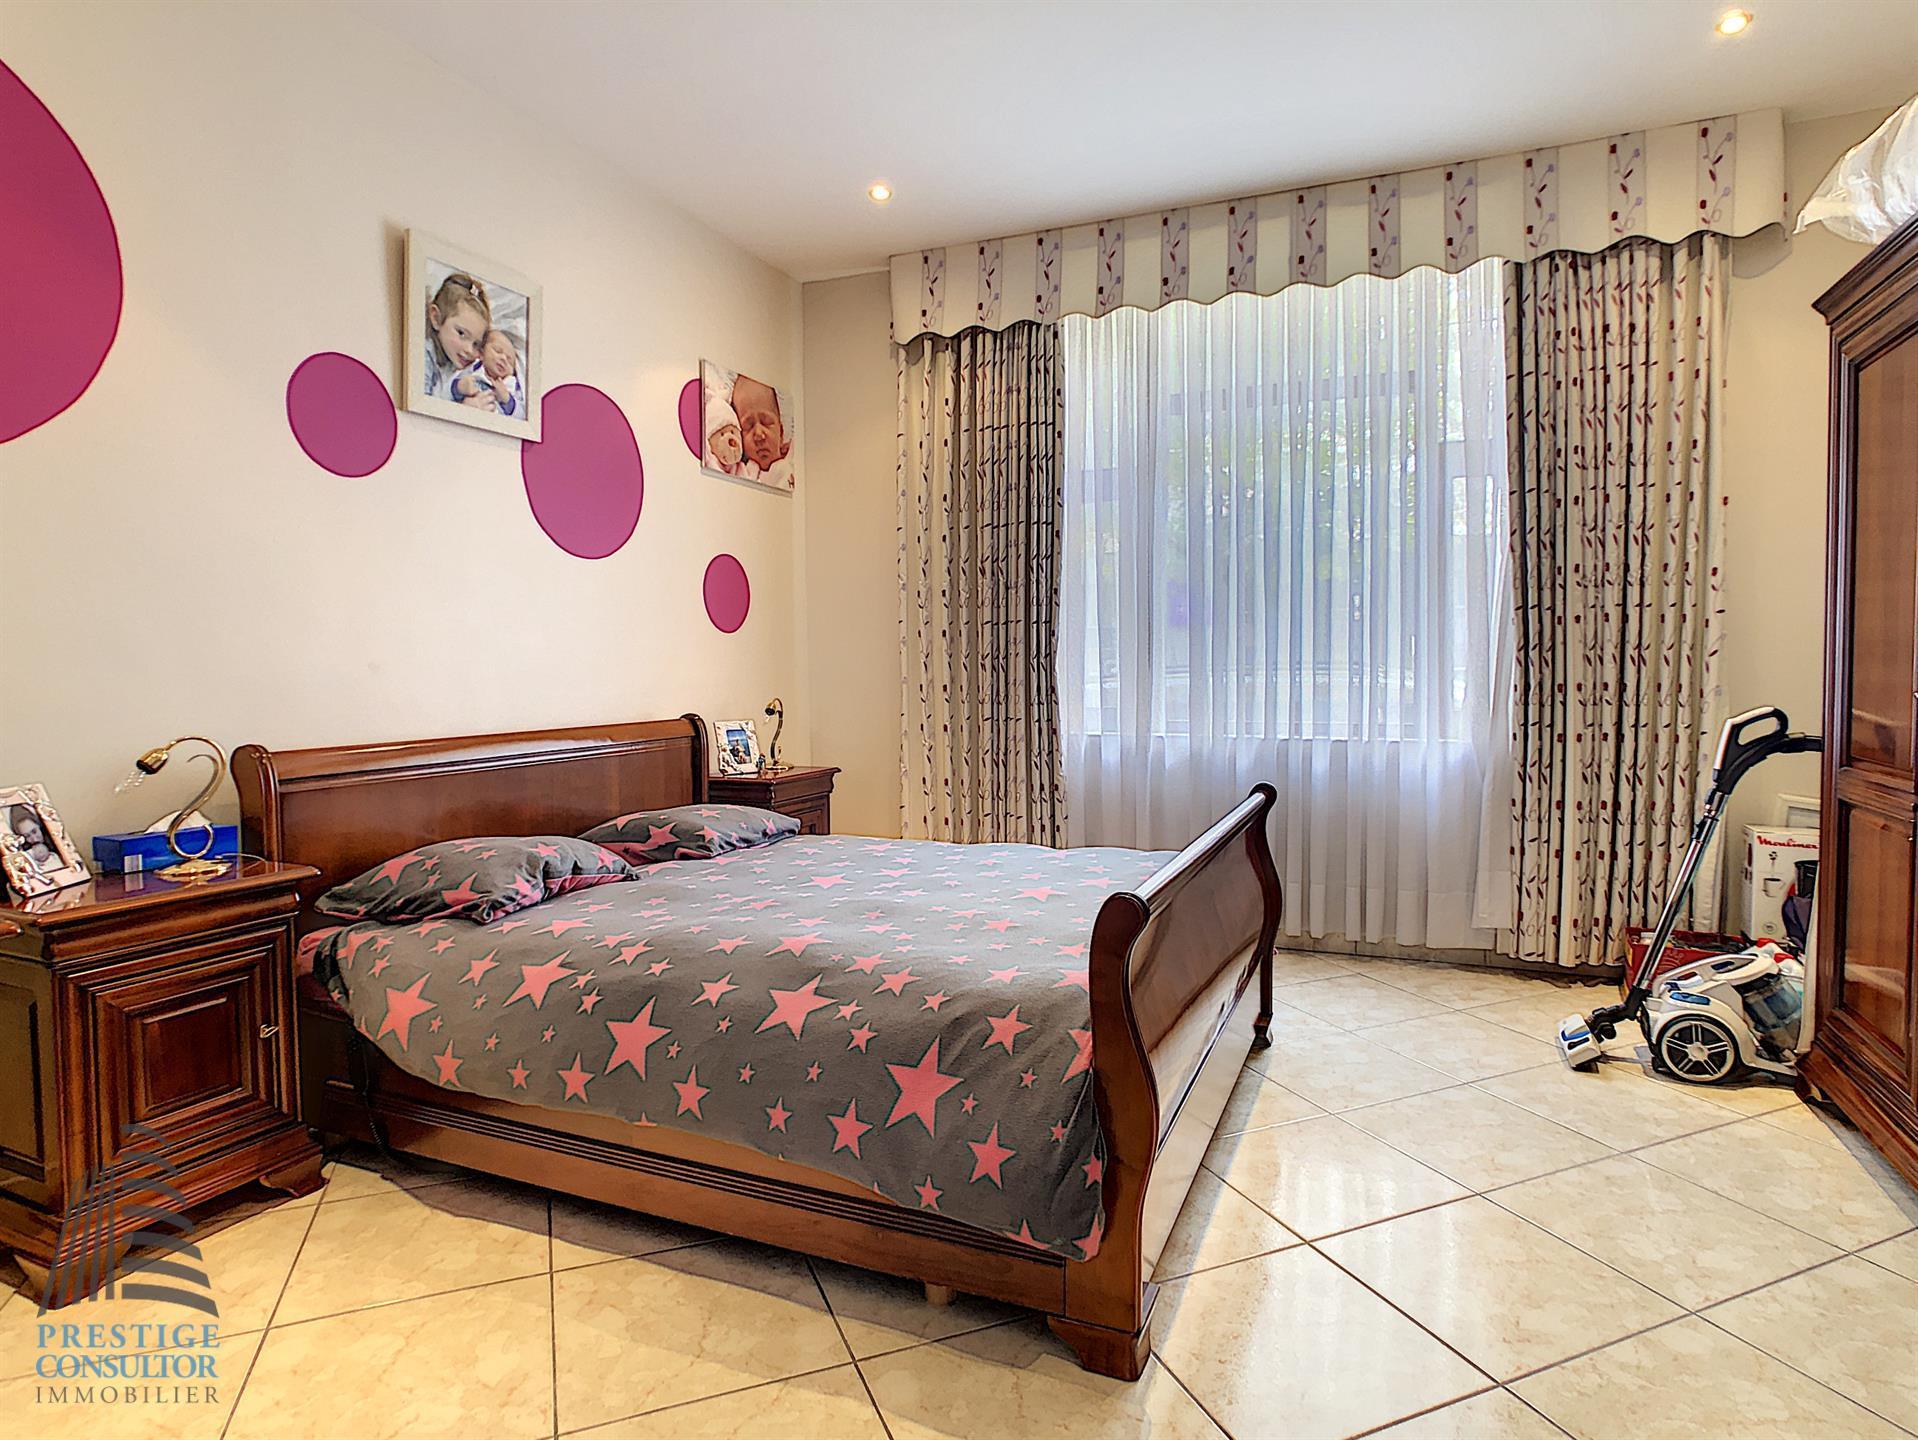 Appartement - Schaarbeek - #4063307-3